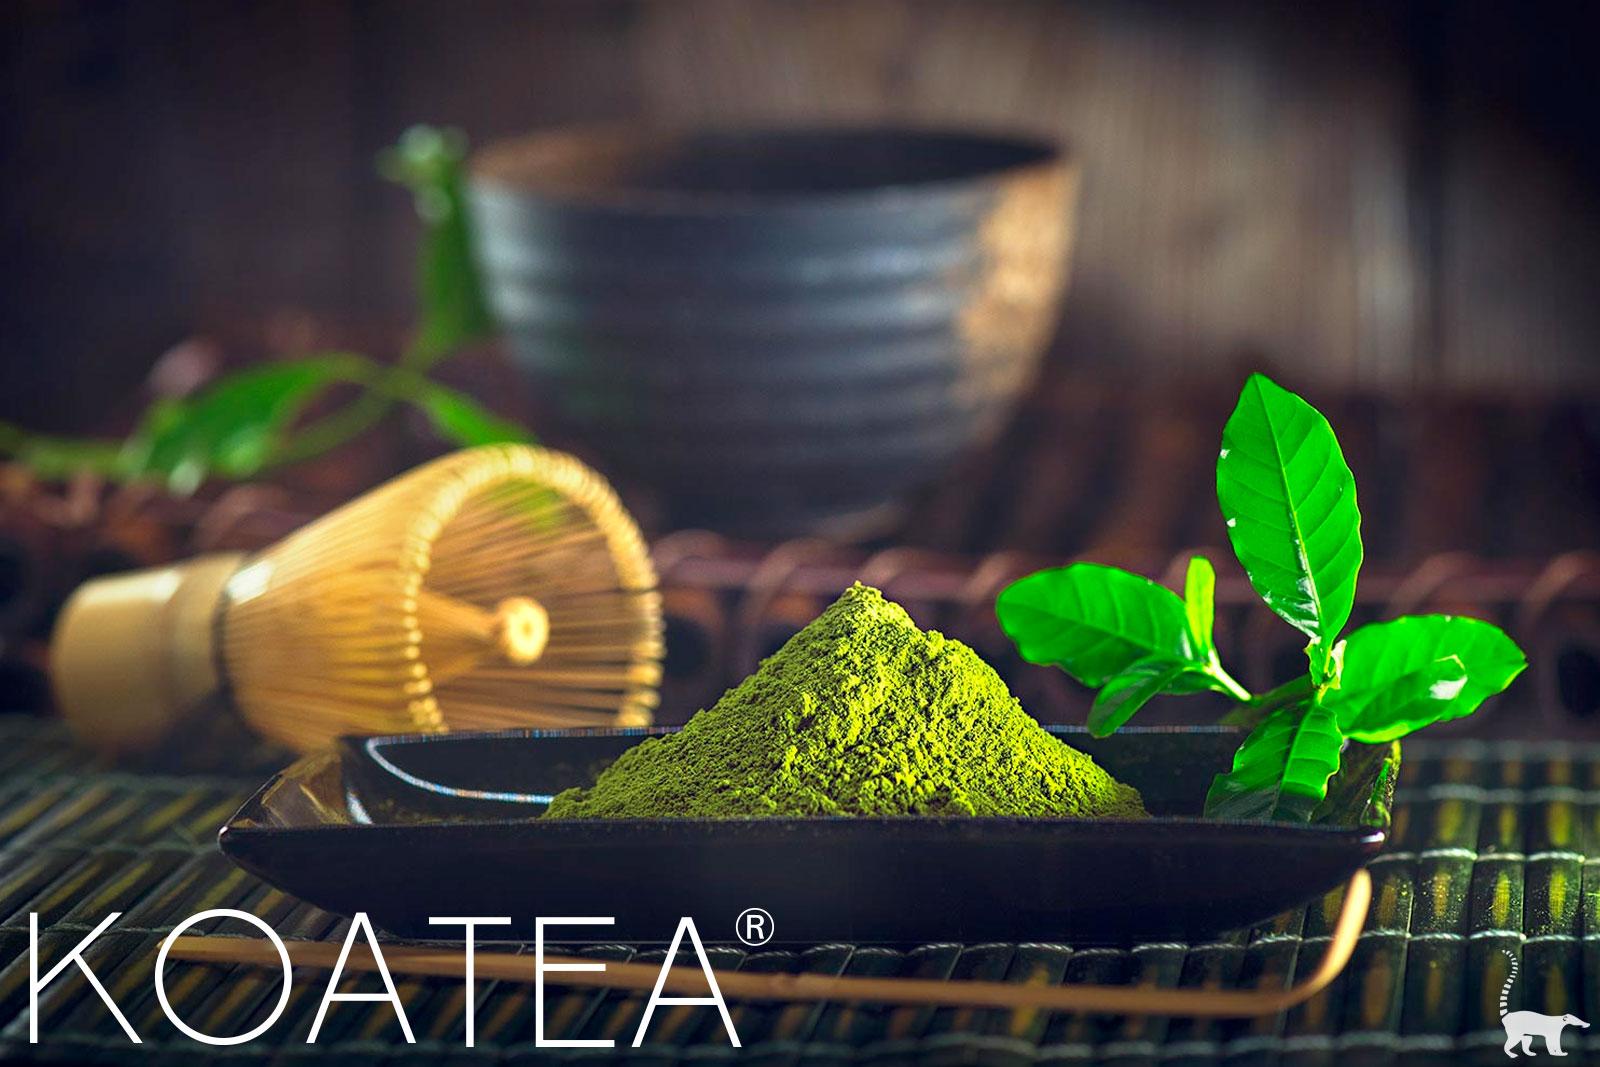 Préparation traditionnelle du thé Matcha au Japon